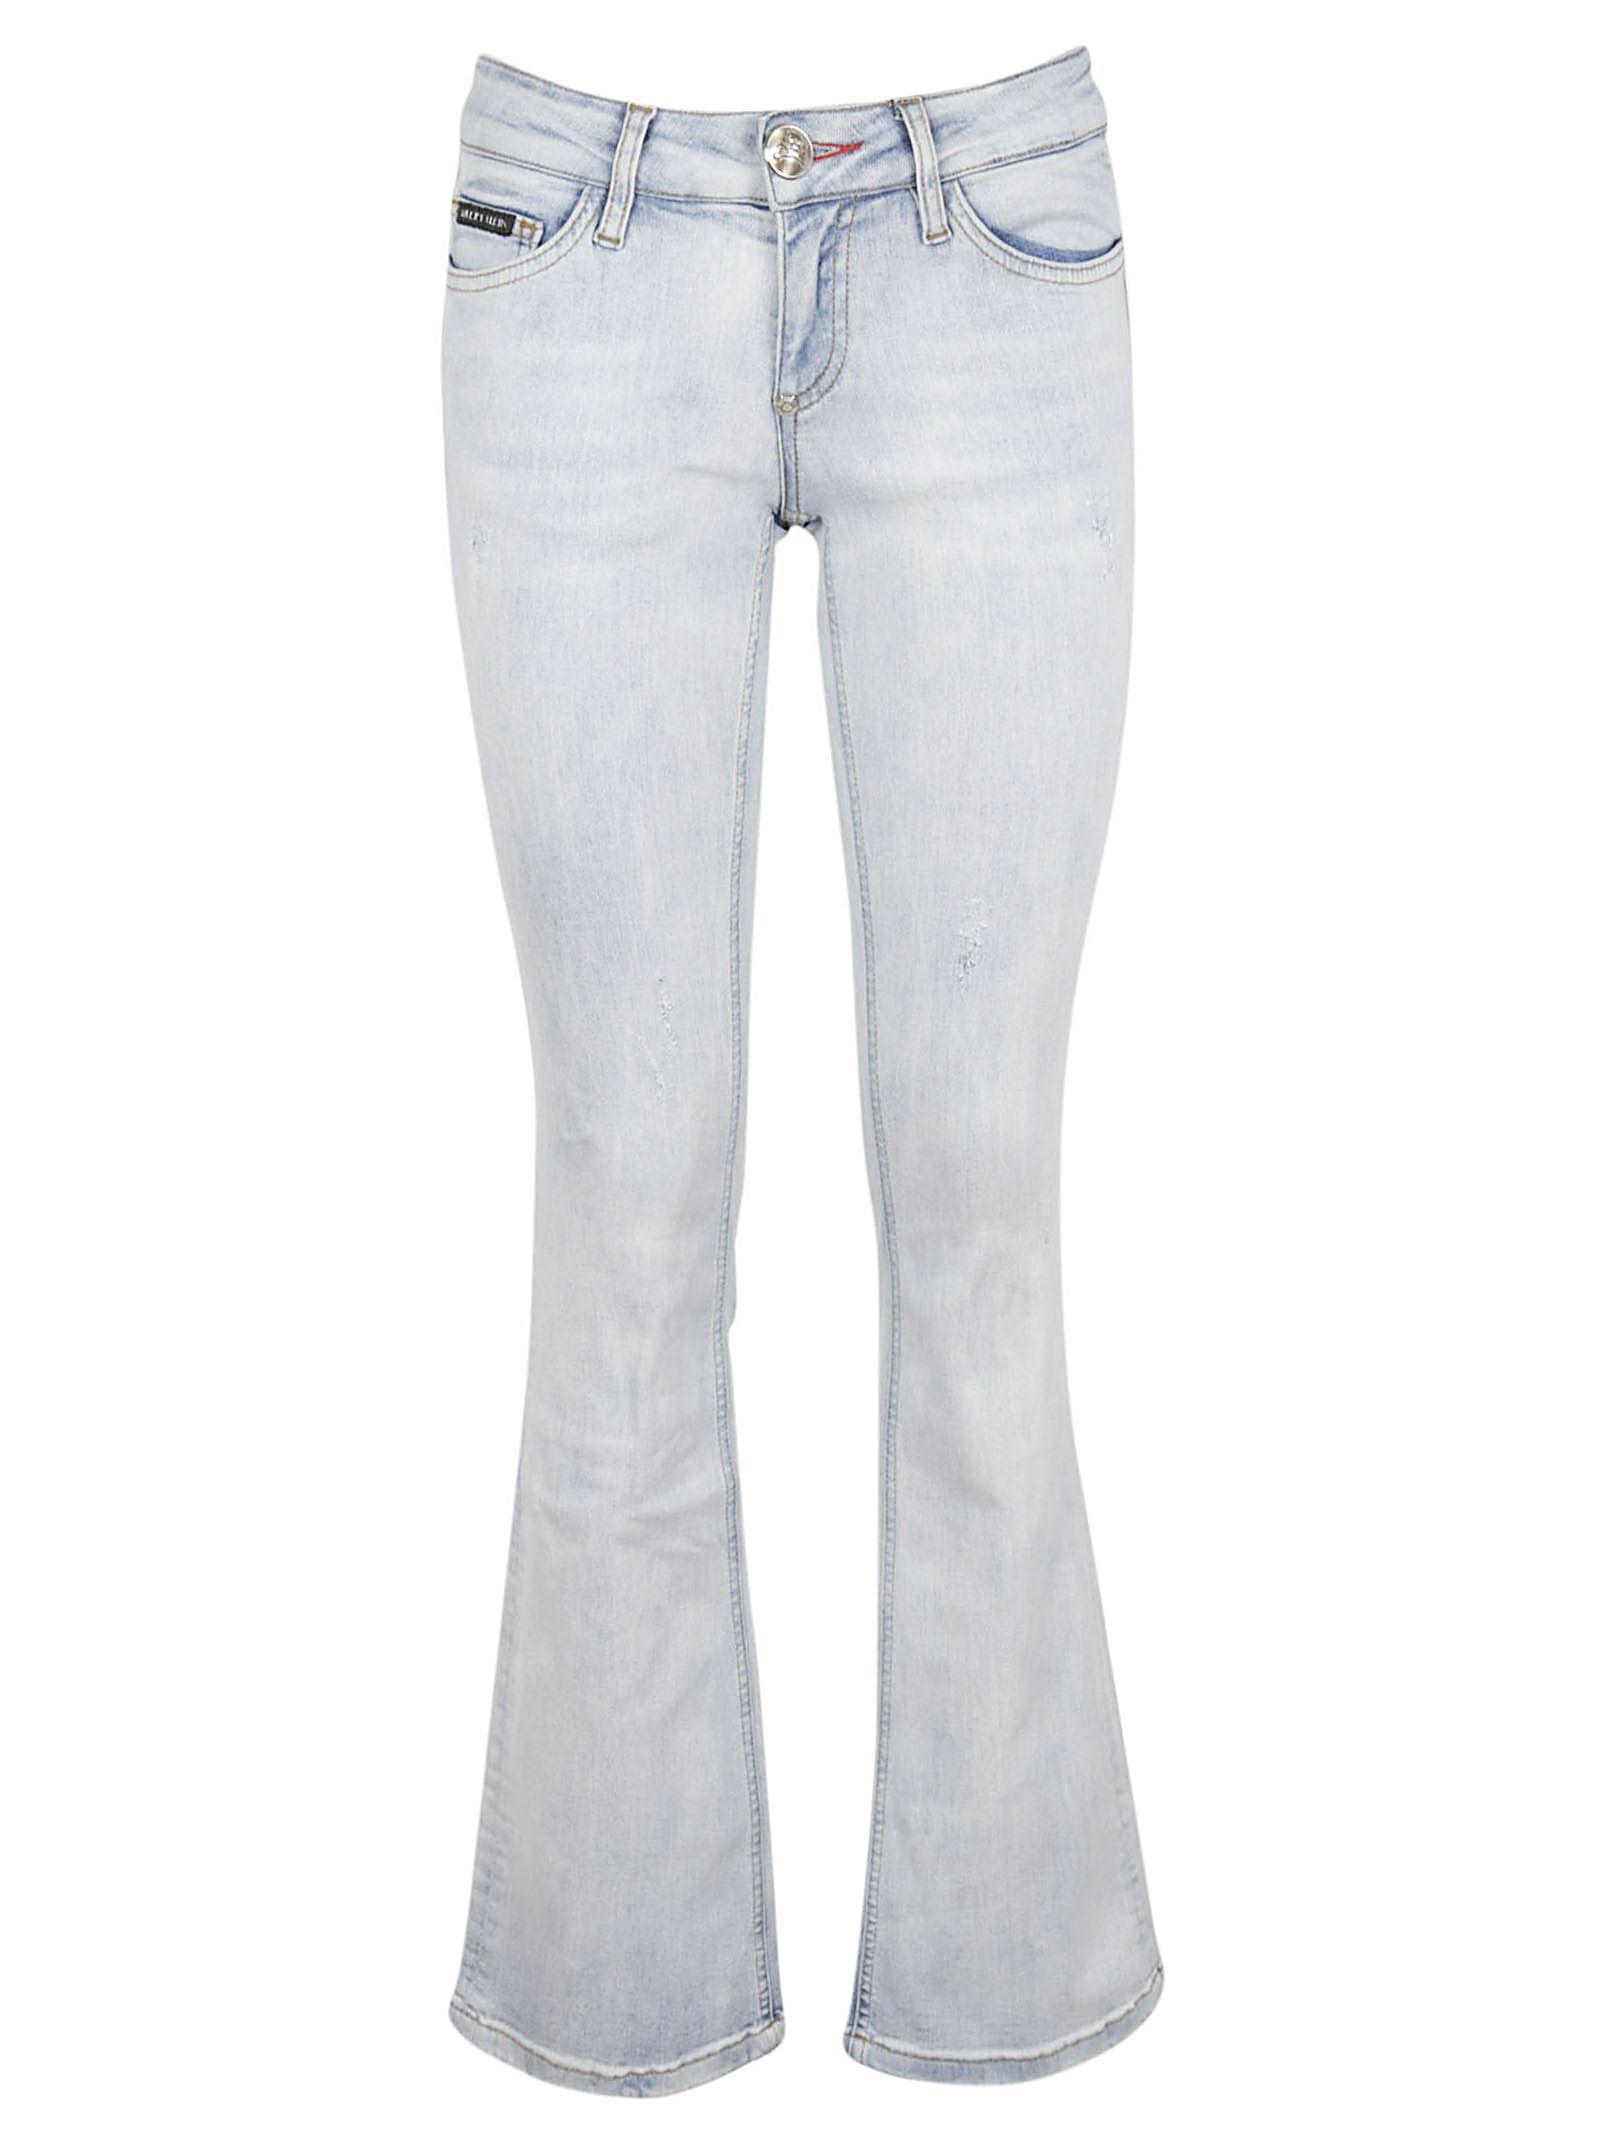 wide flared jeans - Blue Philipp Plein bTChL